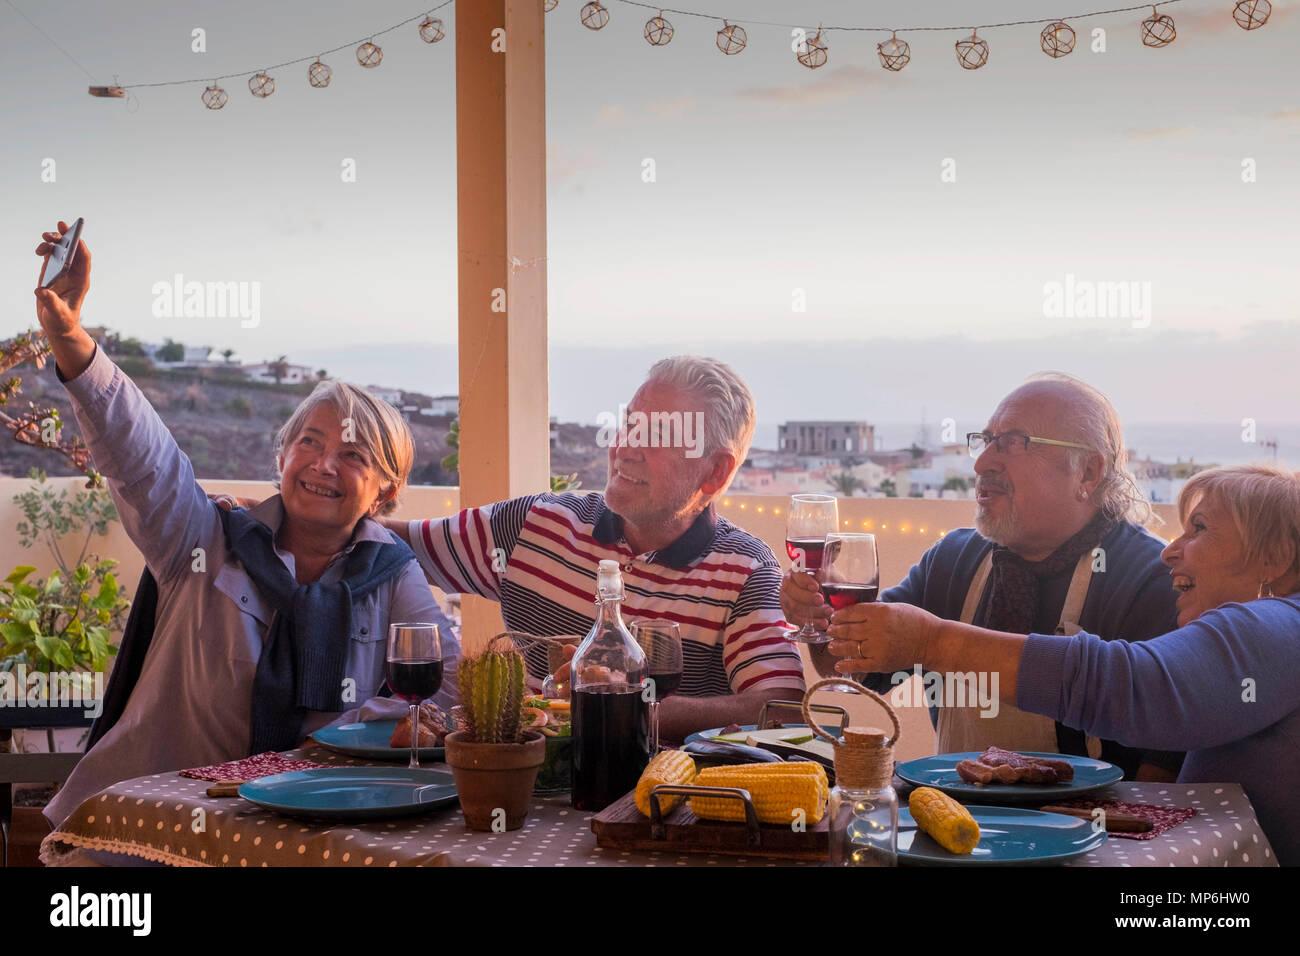 Grupo de amigos adultos ancianos jubilados divertirse tomando una imagen como selfie todos juntos durante una cena en la terraza al aire libre en la azotea celebrar. Imagen De Stock